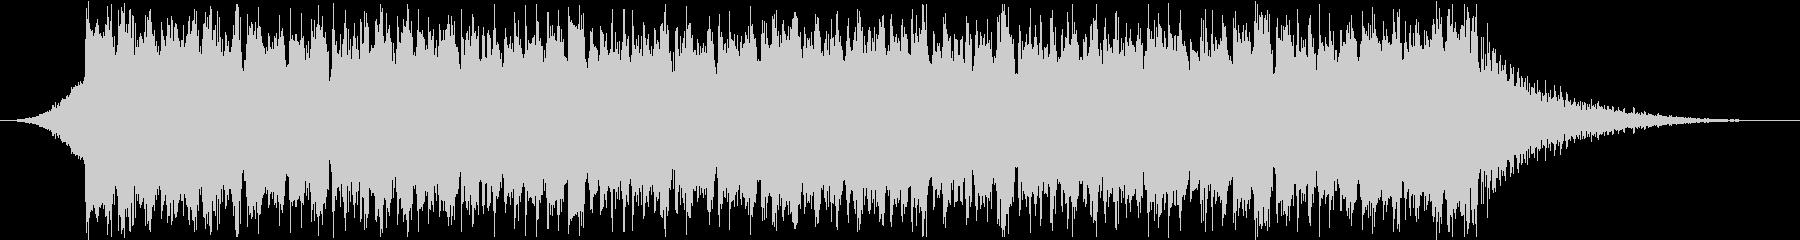 Piano House 2の未再生の波形